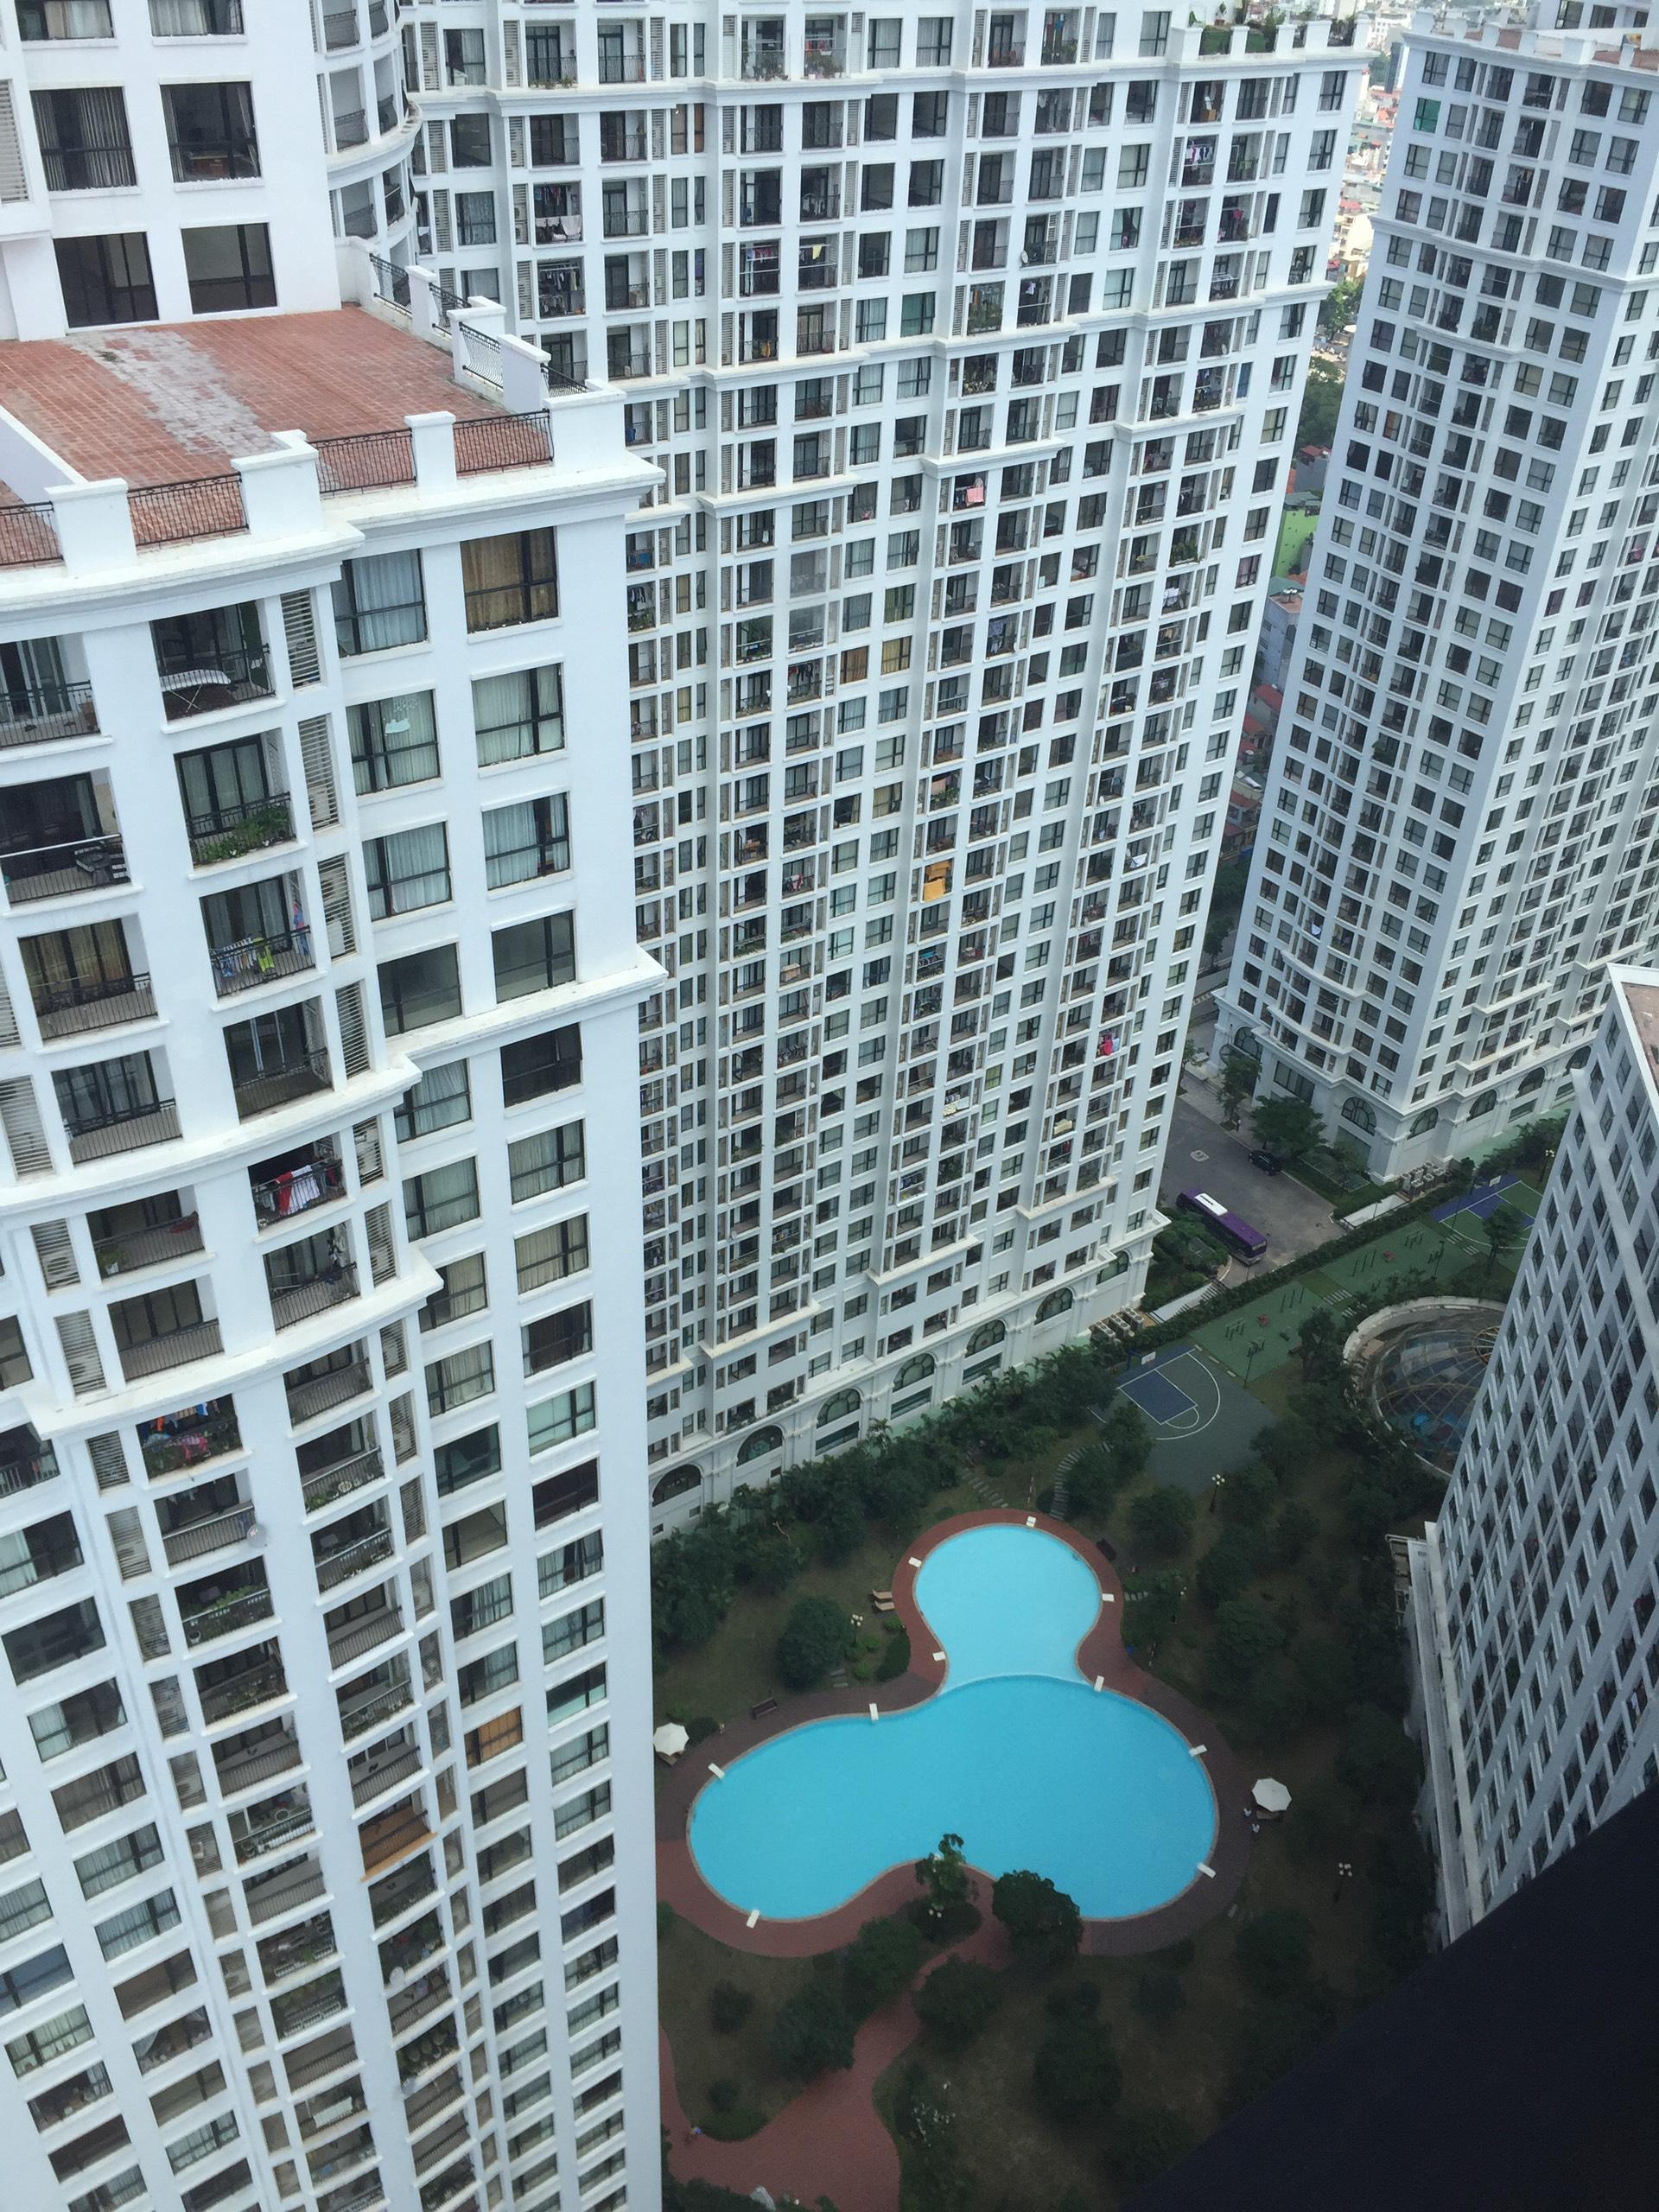 Bán căn hộ 2 phòng ngủ Royal city thoáng sáng 109m2 tòa R1